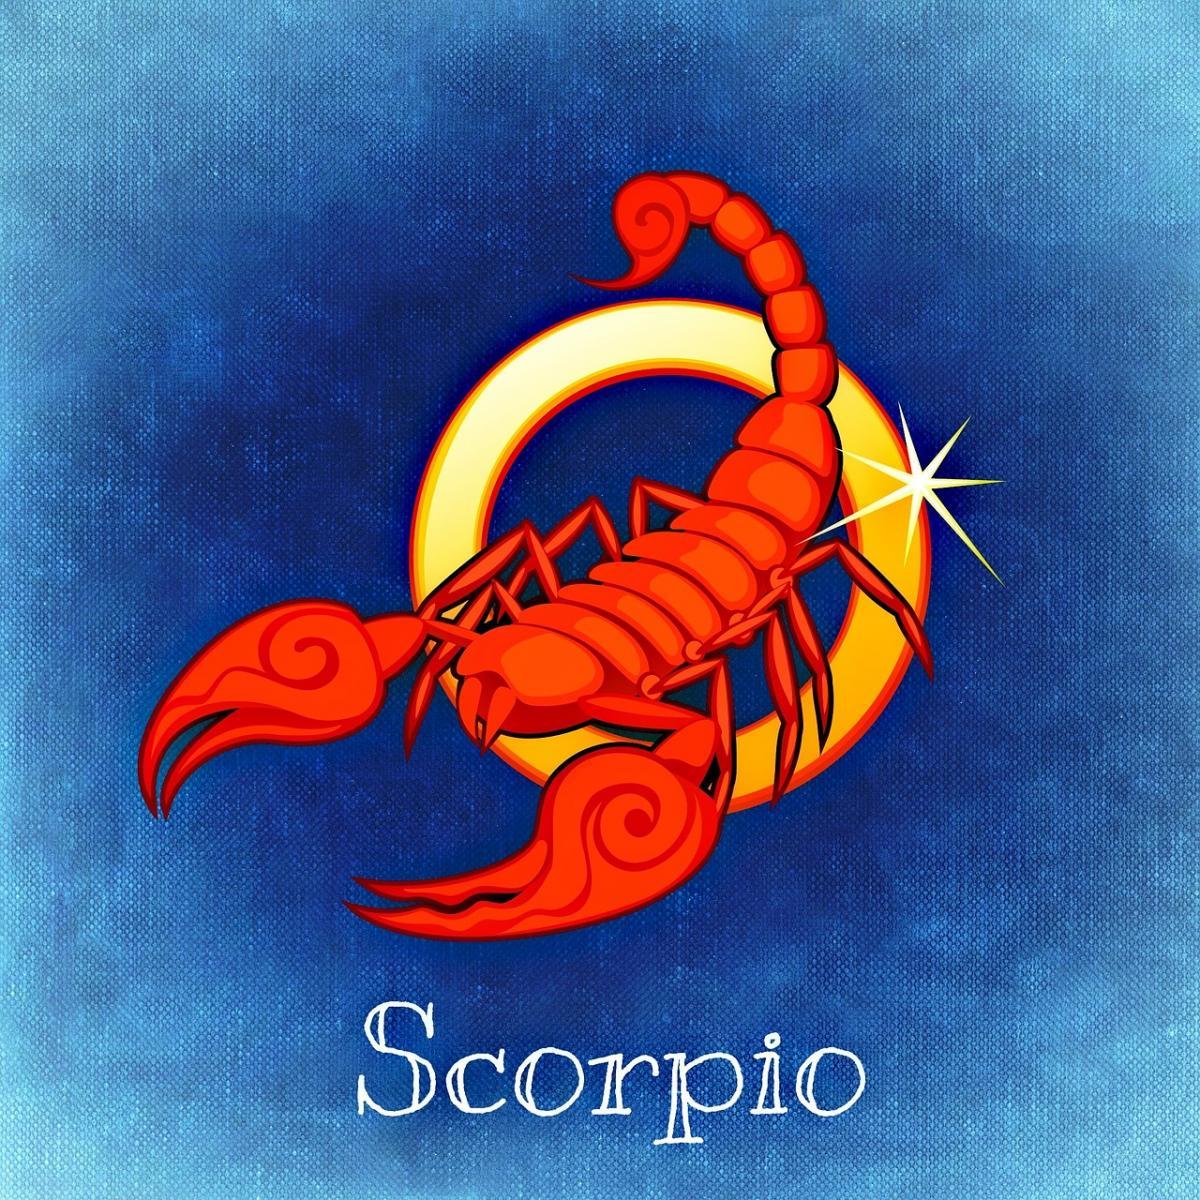 Le signe du mois : Le Scorpion